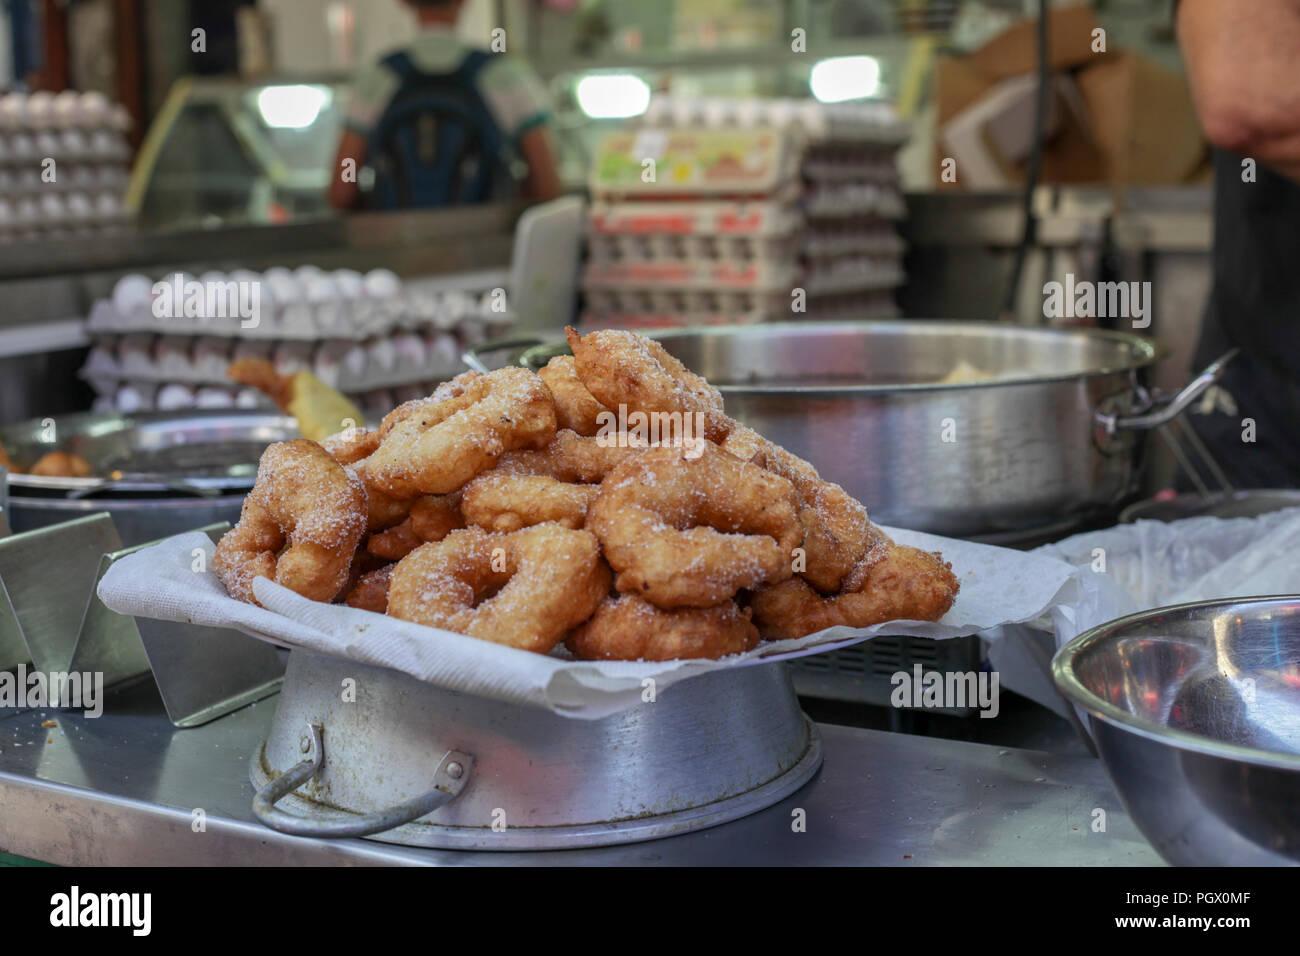 Recién fritos Sfenj un donut magrebí: una luz, anillo esponjoso de masa fritos en aceite. Sfenj es comido plain, espolvoreadas con azúcar, o empapado en miel. Imagen De Stock